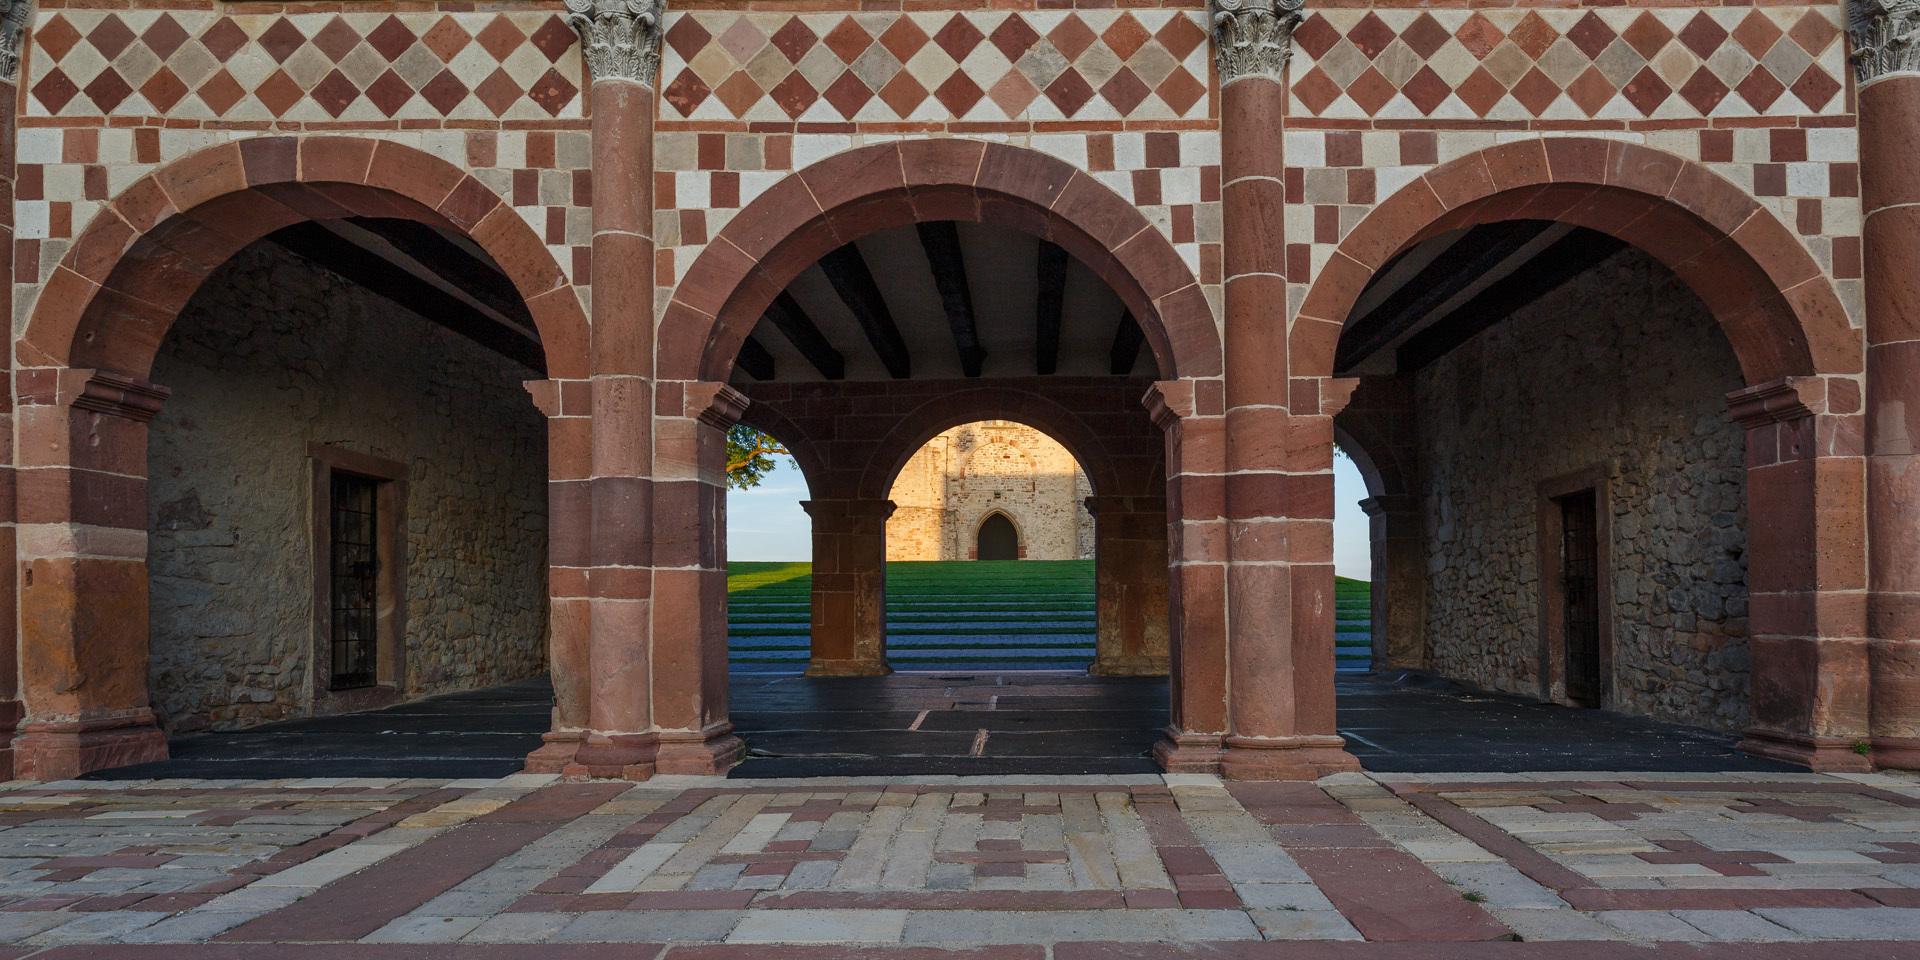 Blick durch die Arkaden der Torhalle zum Kirchenfragment Michael Leukel 2019